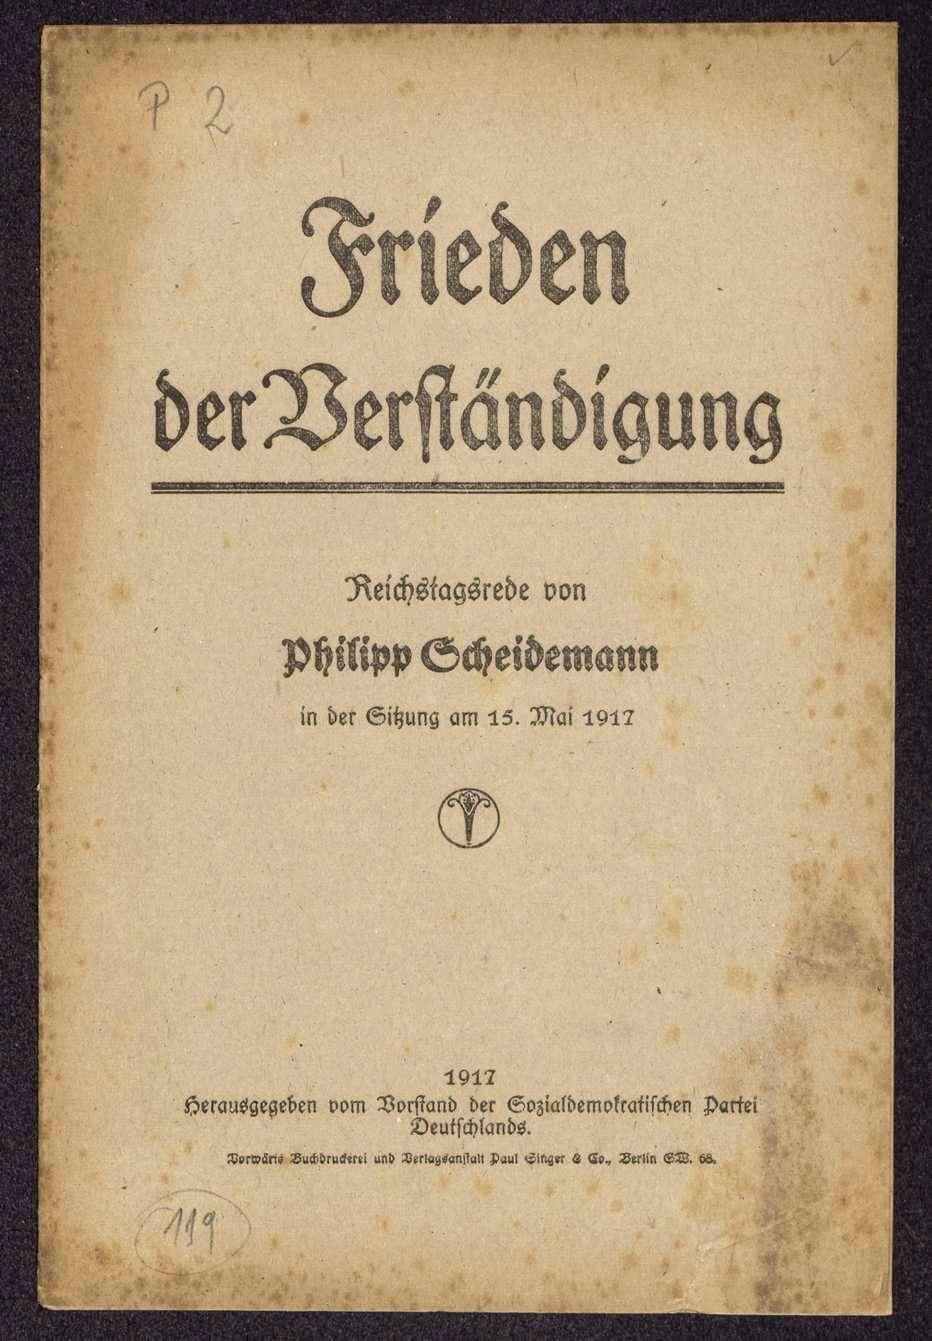 Philipp Scheidemann: Frieden der Verständigung. Reichstagsrede in der Sitzung am 15. Mai 1917 (Hrsg. vom Vorstand der SPD), Bild 1